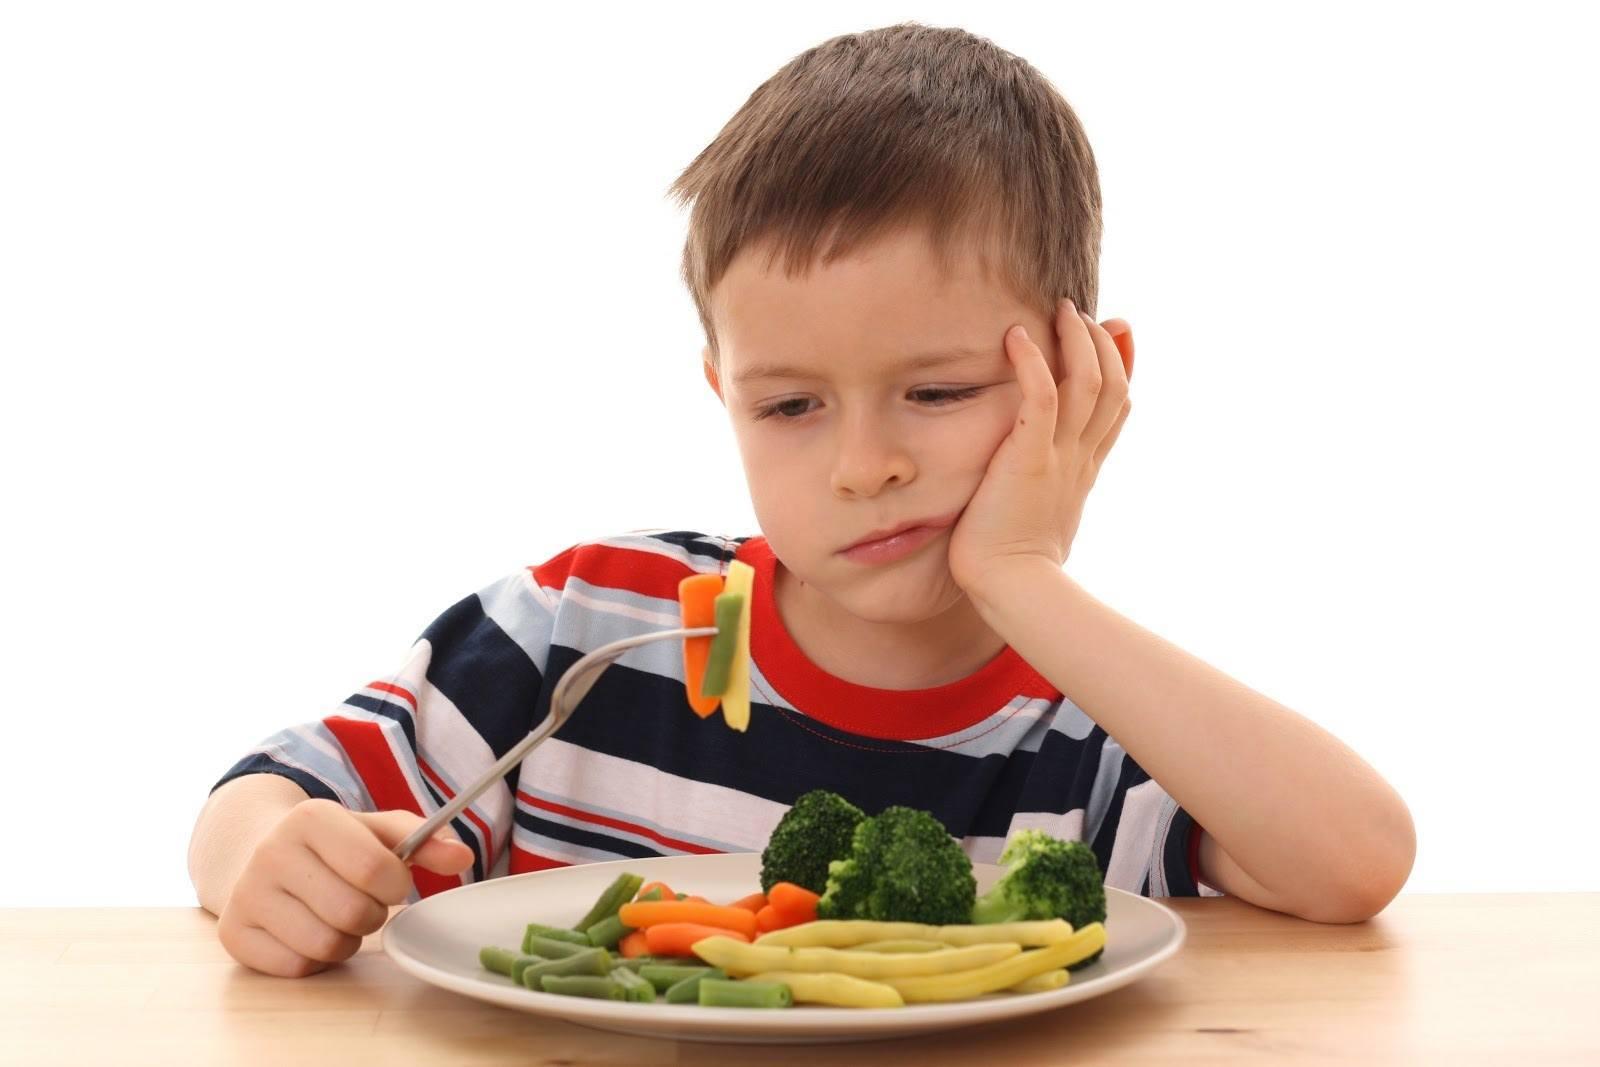 Alimentação infantil: Como evitar problemas de desnutrição e crescimento.